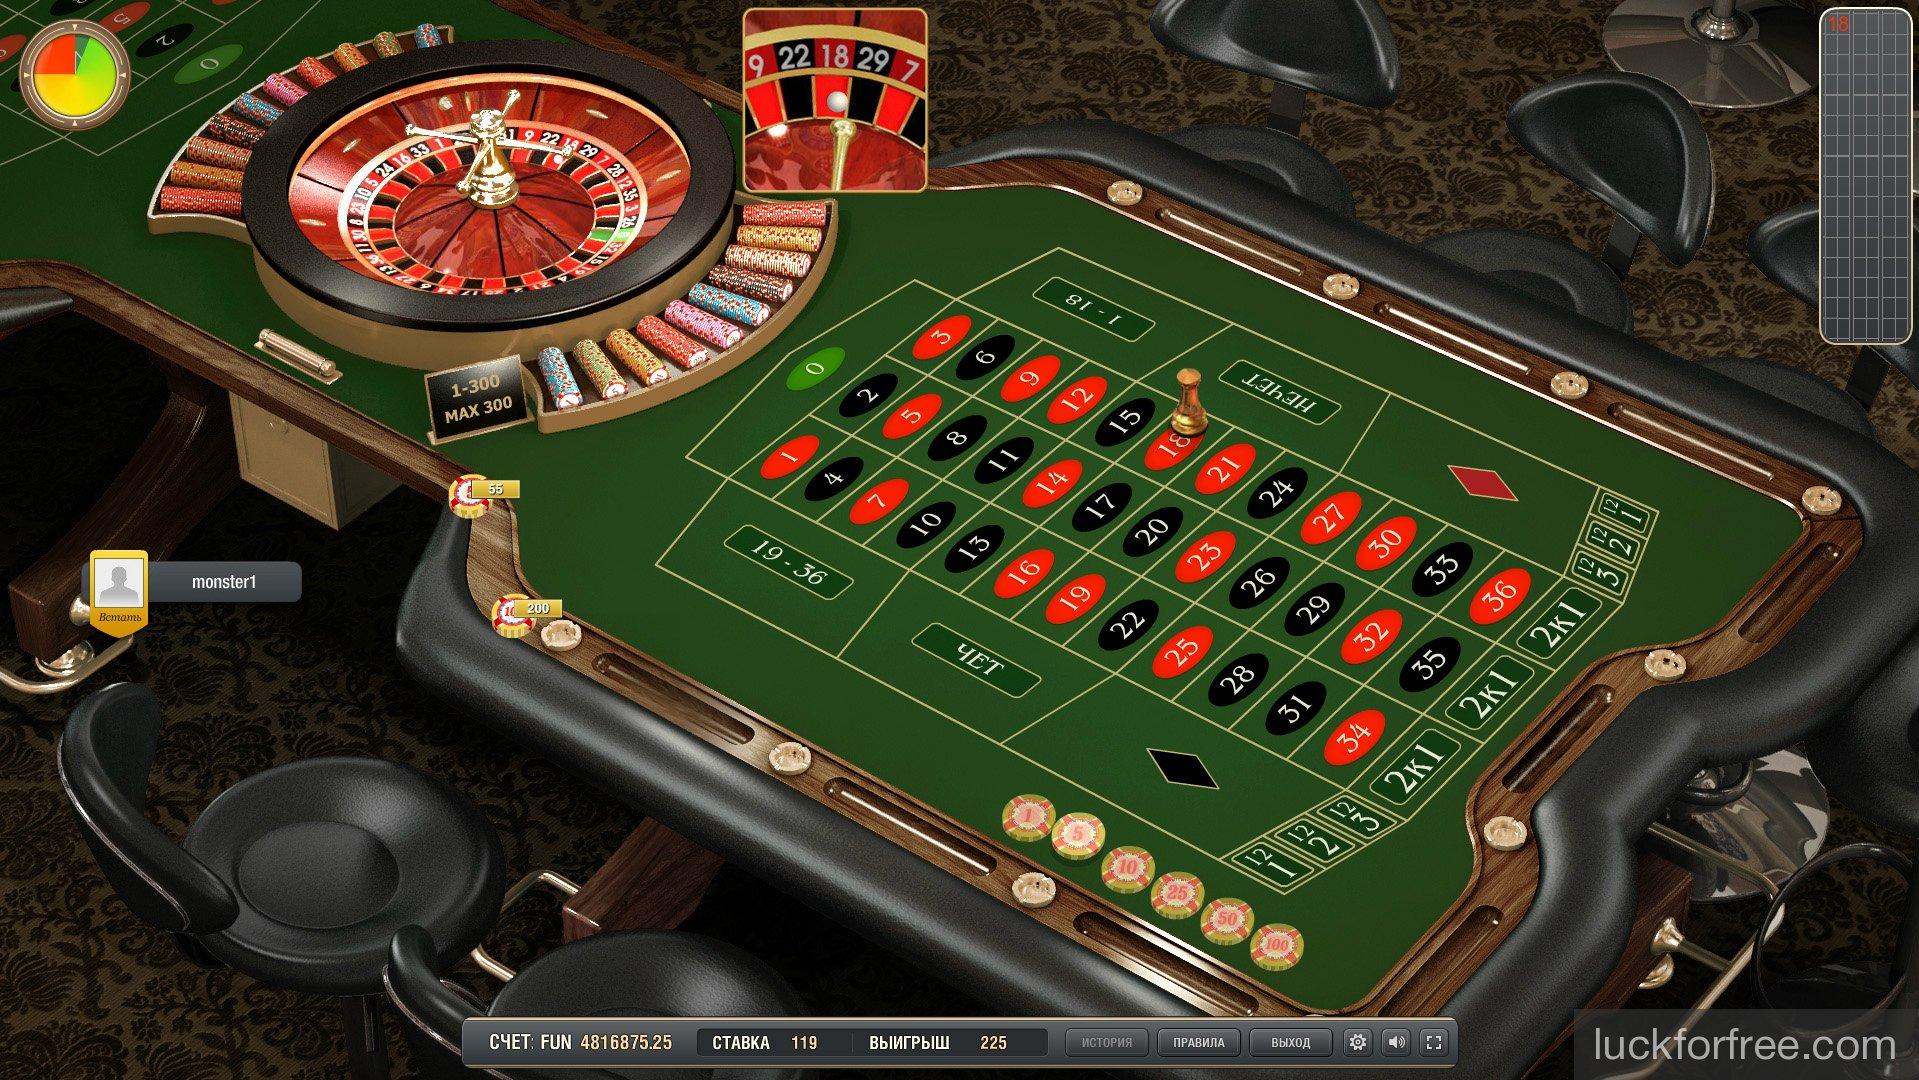 Казино адмирал играть бесплатно онлайн демо версию без регистрации бесплатные автоматы игровые демо